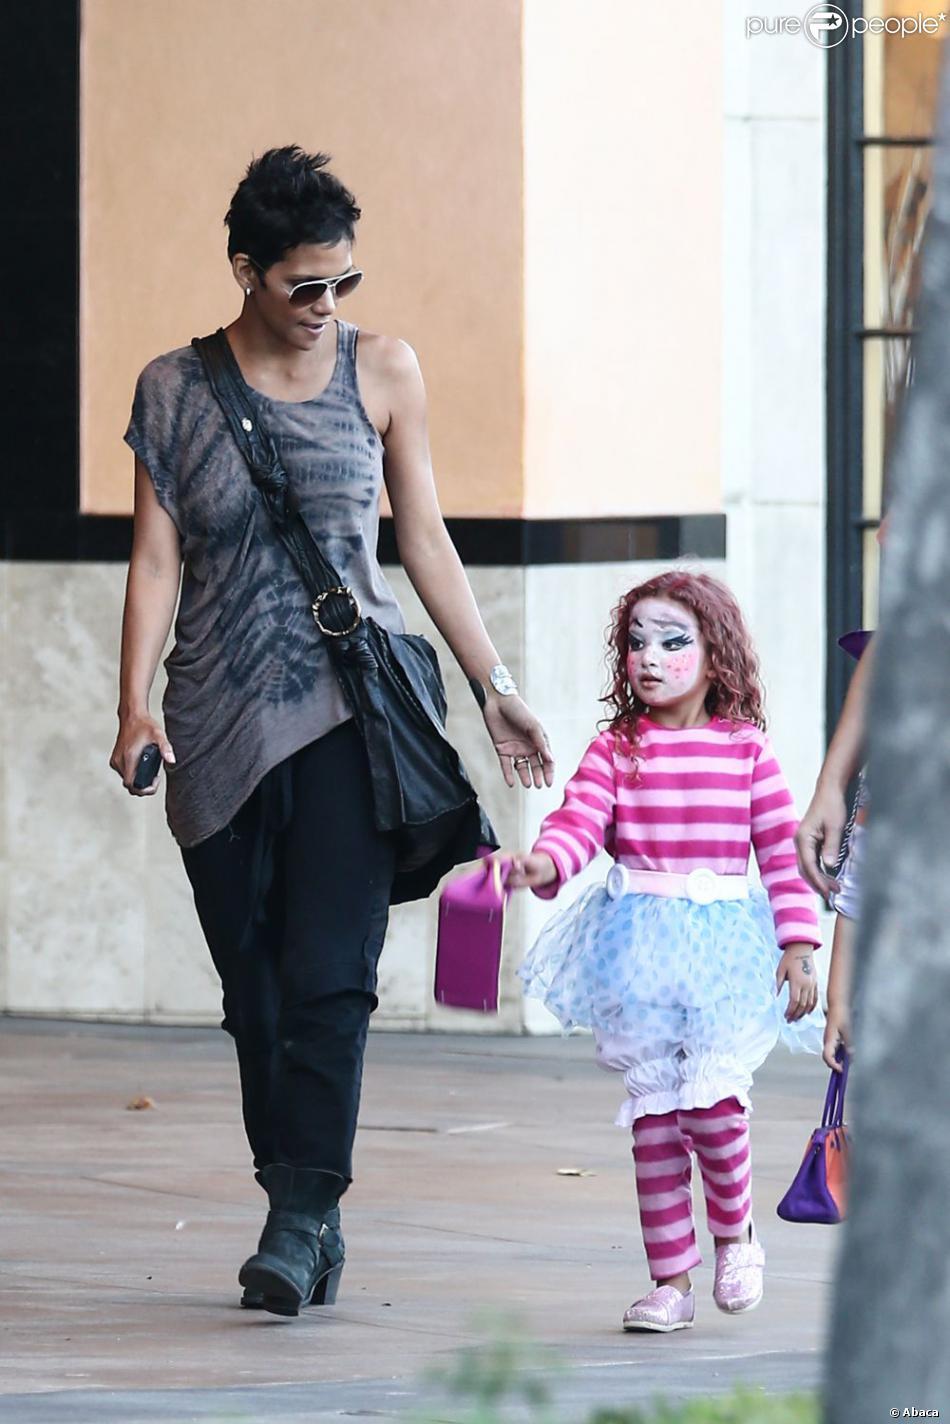 82caa23eddc2 Halle Berry et son adorable fille Nahla déguisée pour Halloween à Los  Angeles le 30 octobre